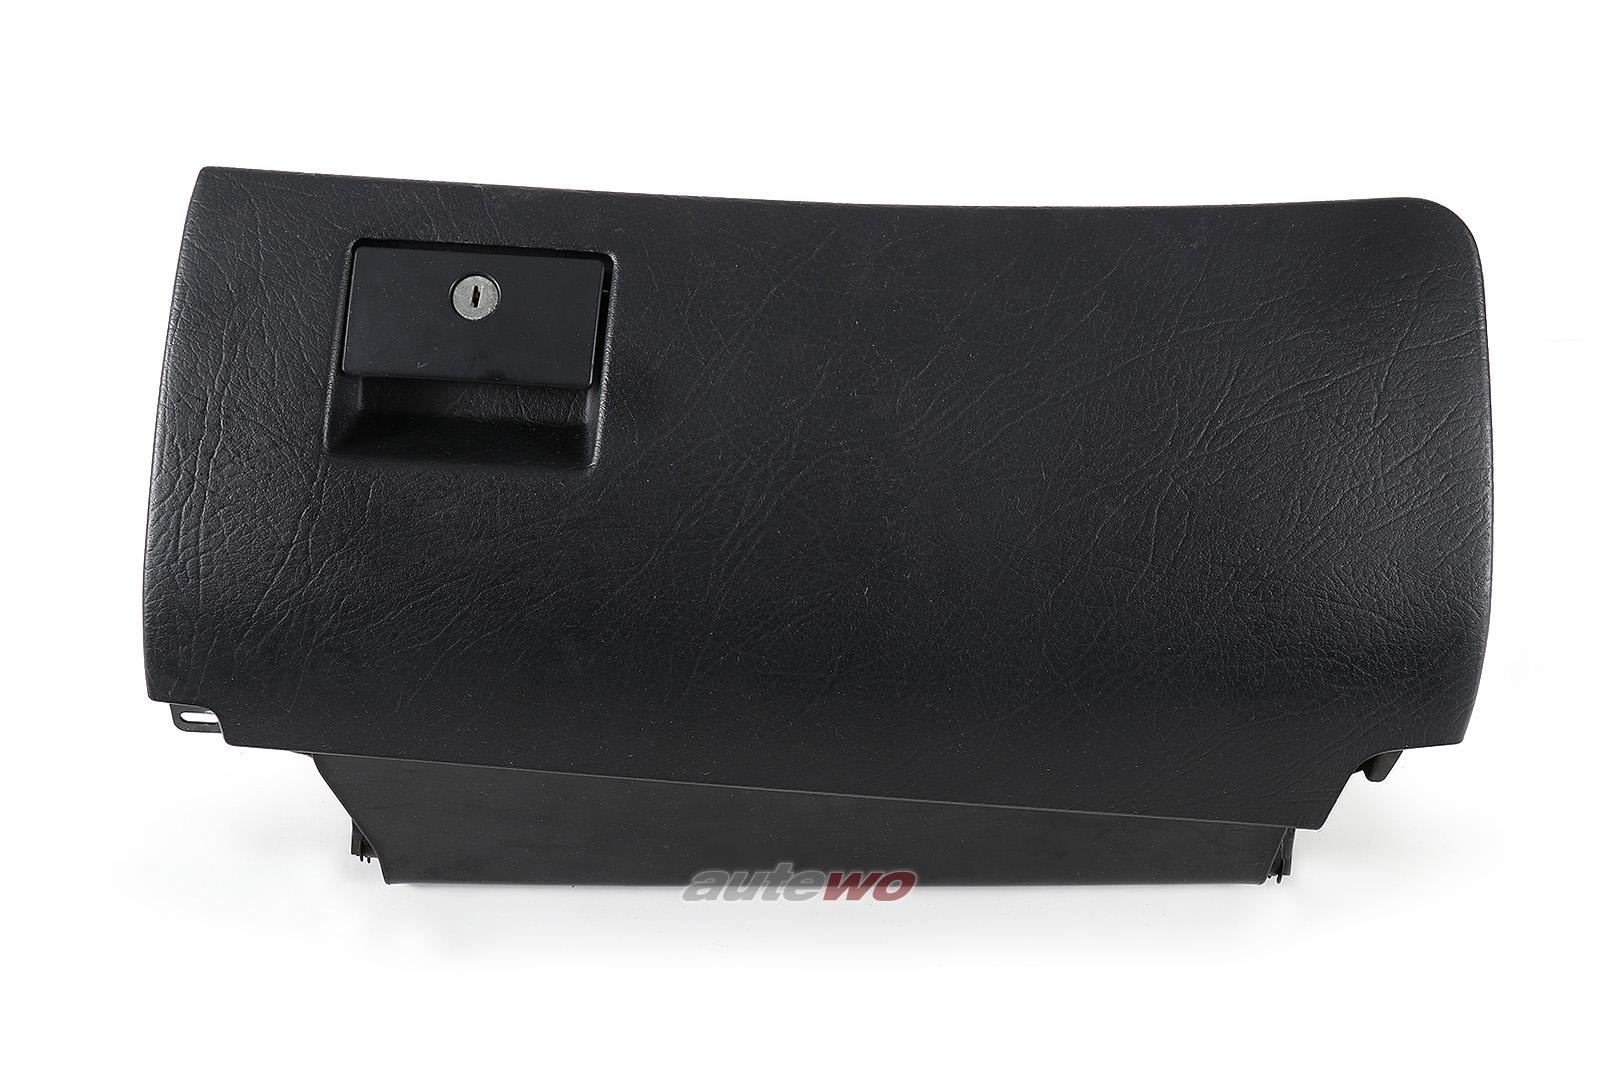 4A1857035D Audi 100/S4/A6/S6+ C4 Handschuhfach